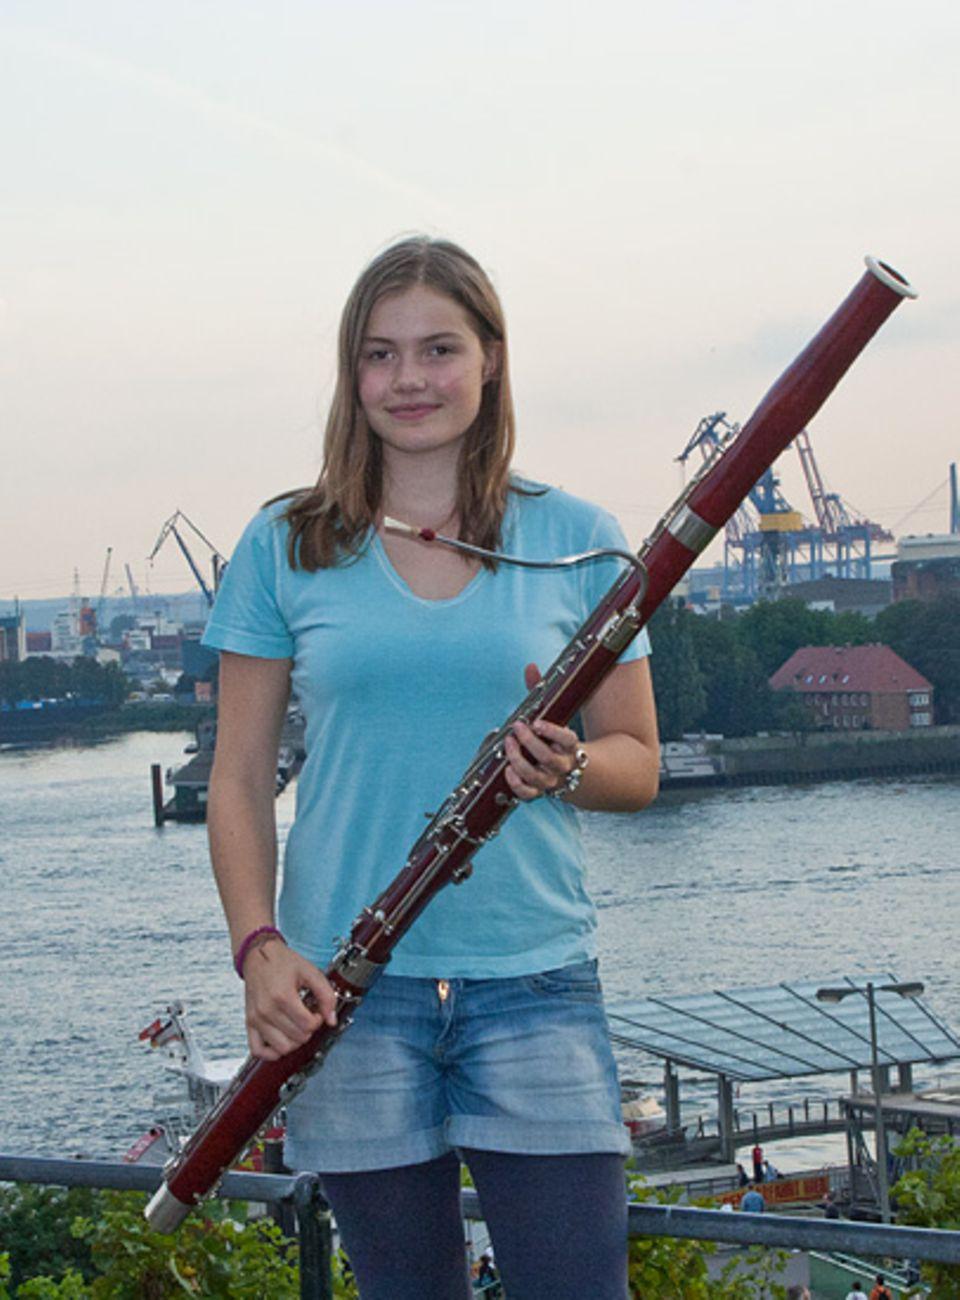 Musikinstrumente: Charlotte Österheld mit ihrem Fagott